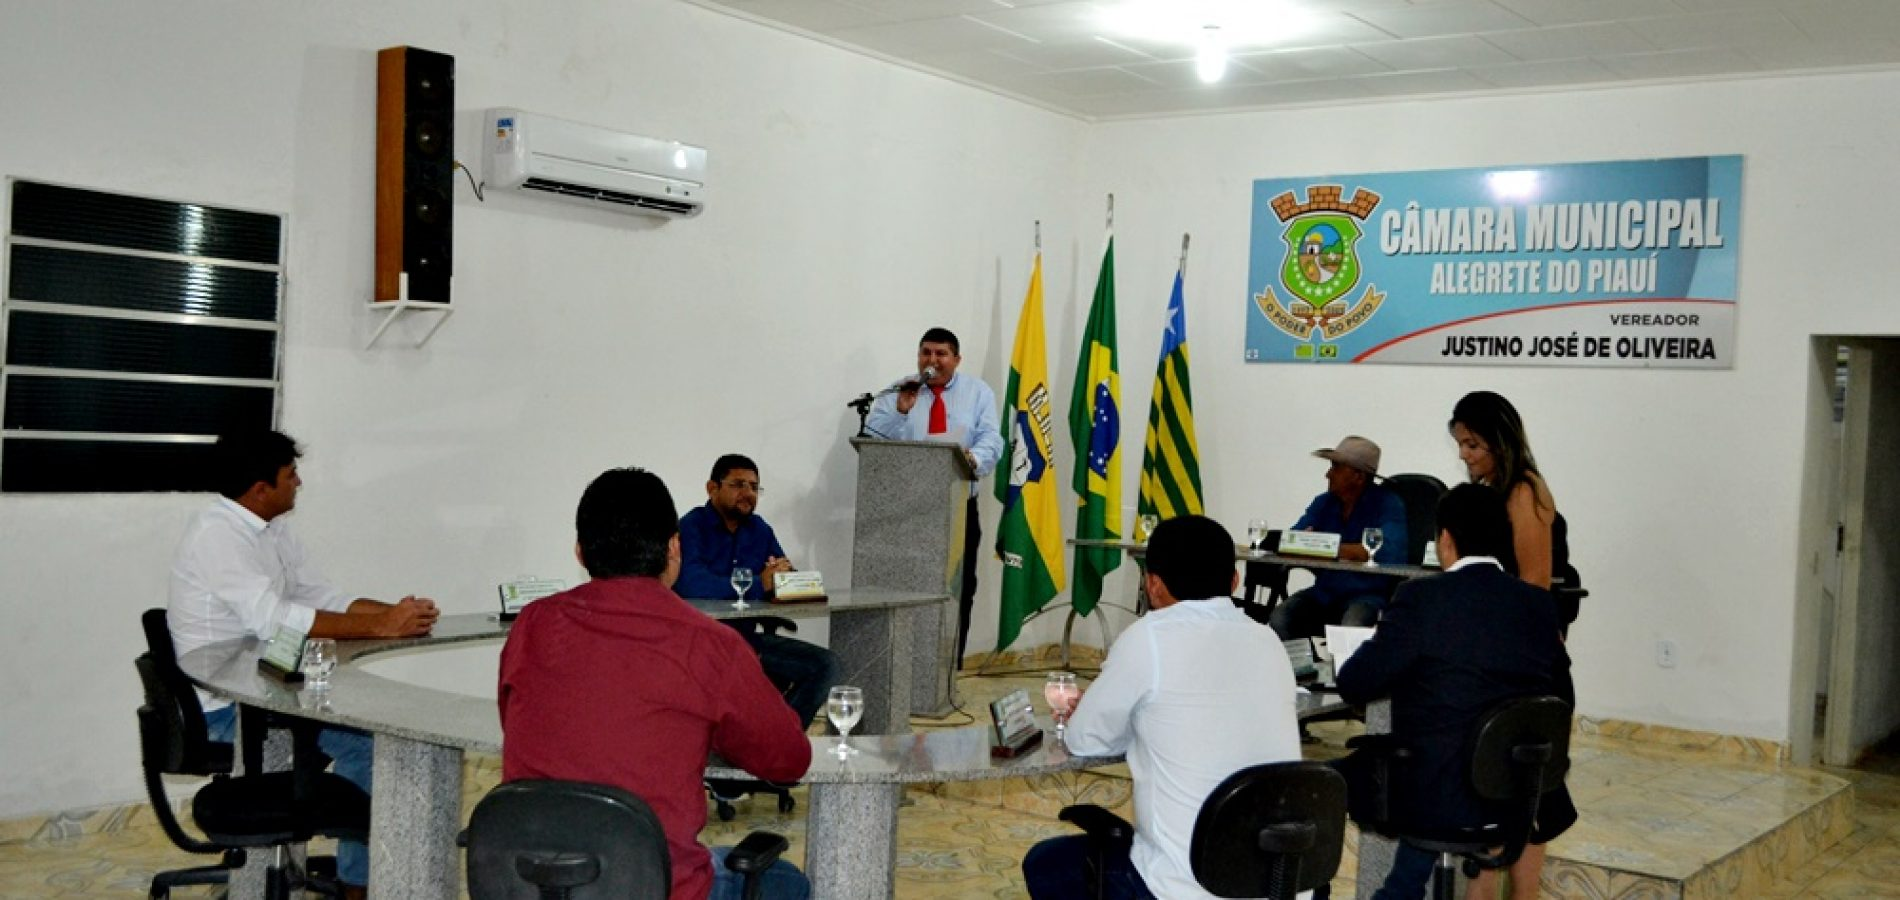 Câmara de Alegrete do PI aprova projeto que autoriza Executivo adotar Diário Eletrônico da APPM e vereadores discursam